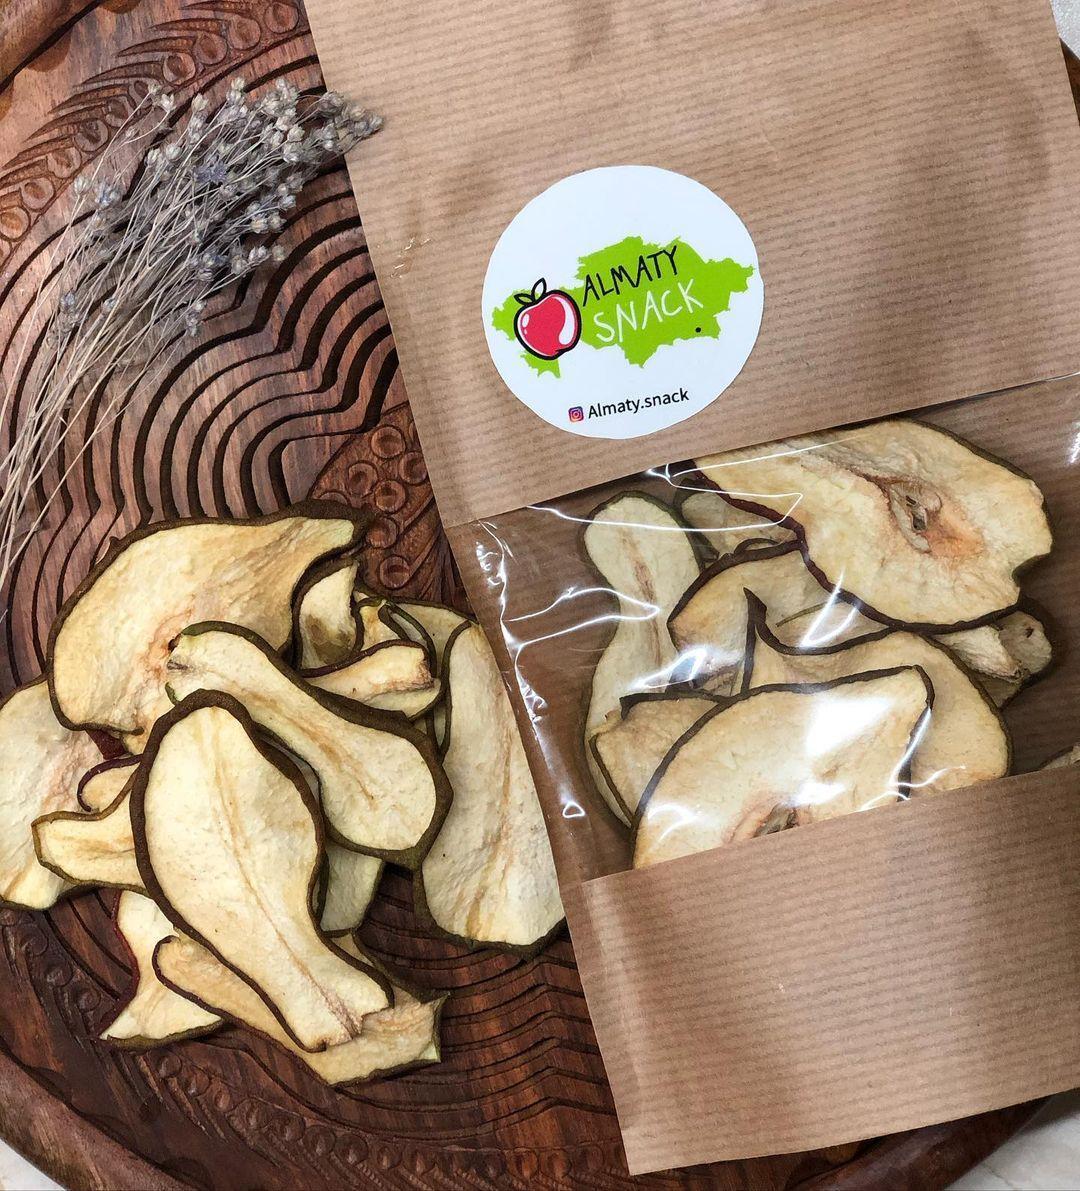 Фруктовые чипсы. Груша. Almaty Snack. Без упаковки на развес